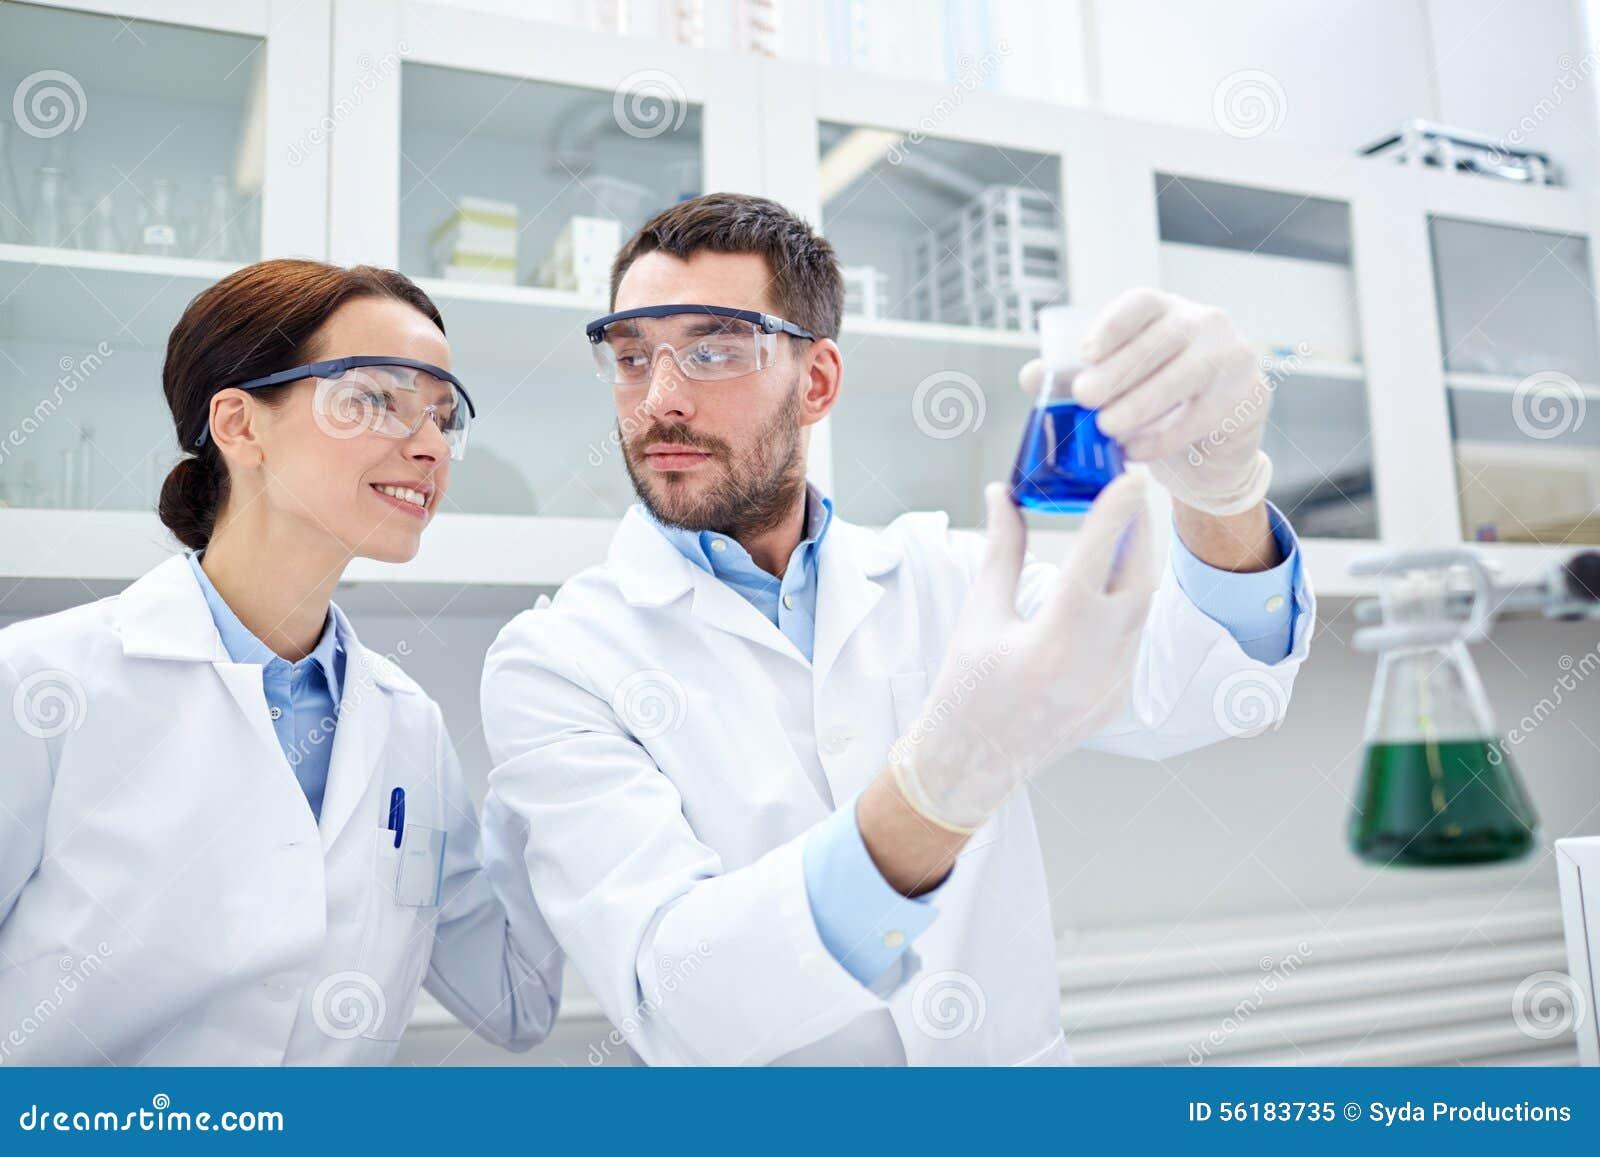 List of chemists